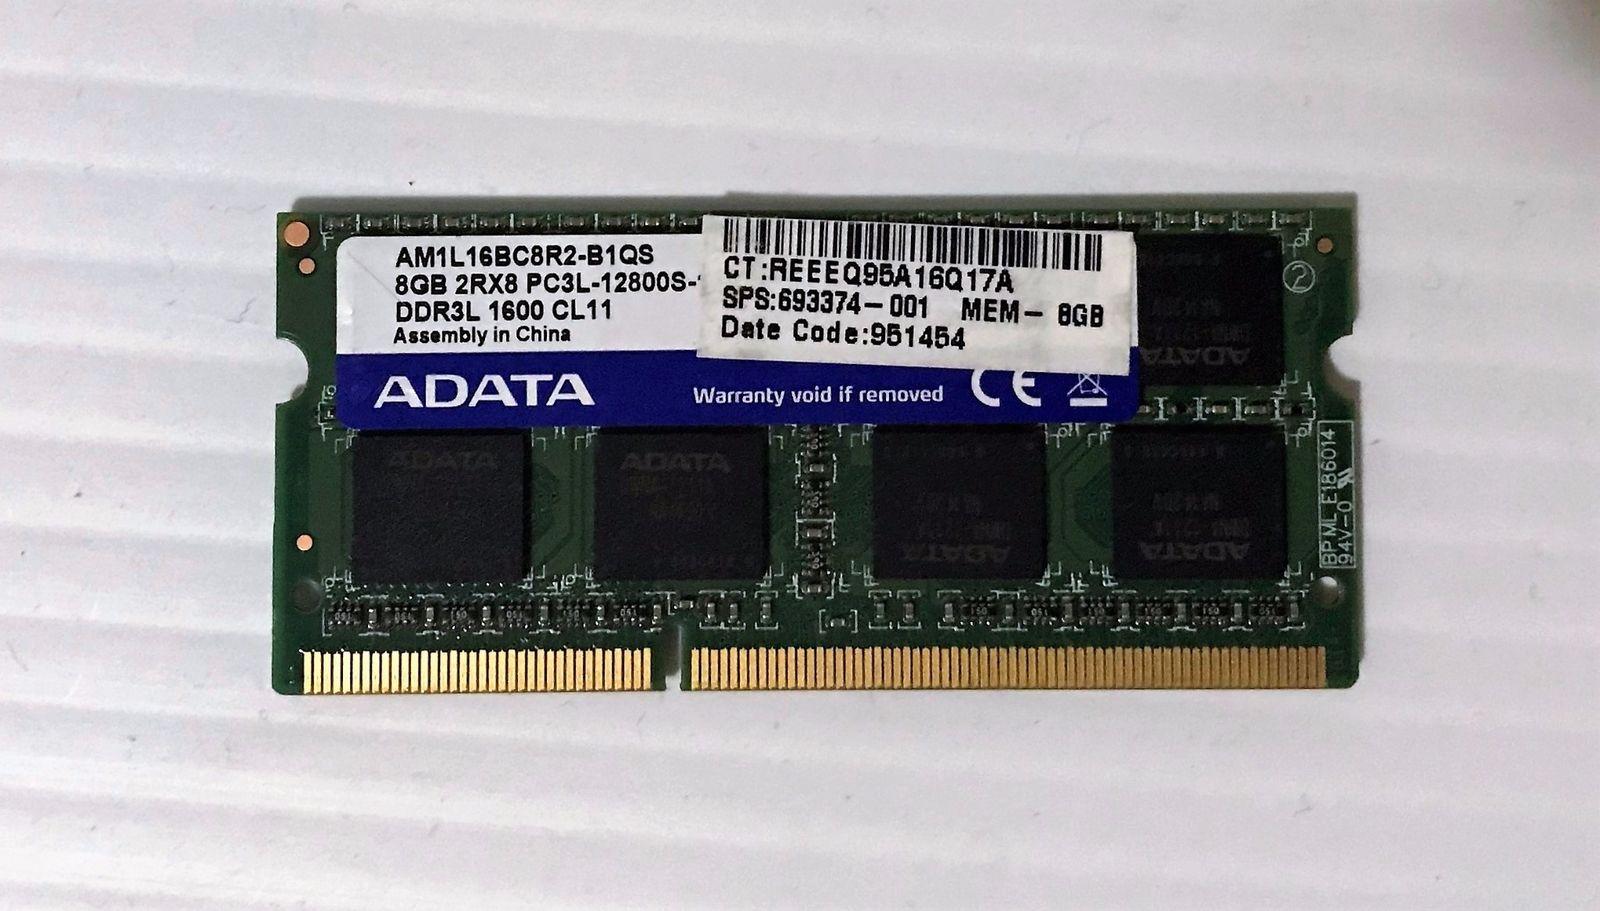 Ram Laptop DDR3 DDR4L 4G 8G 16G, trao đổi 2G 4G lấy 8G 16G, thu mua Ram Laptop Cũ ở Gò Vấp - 19